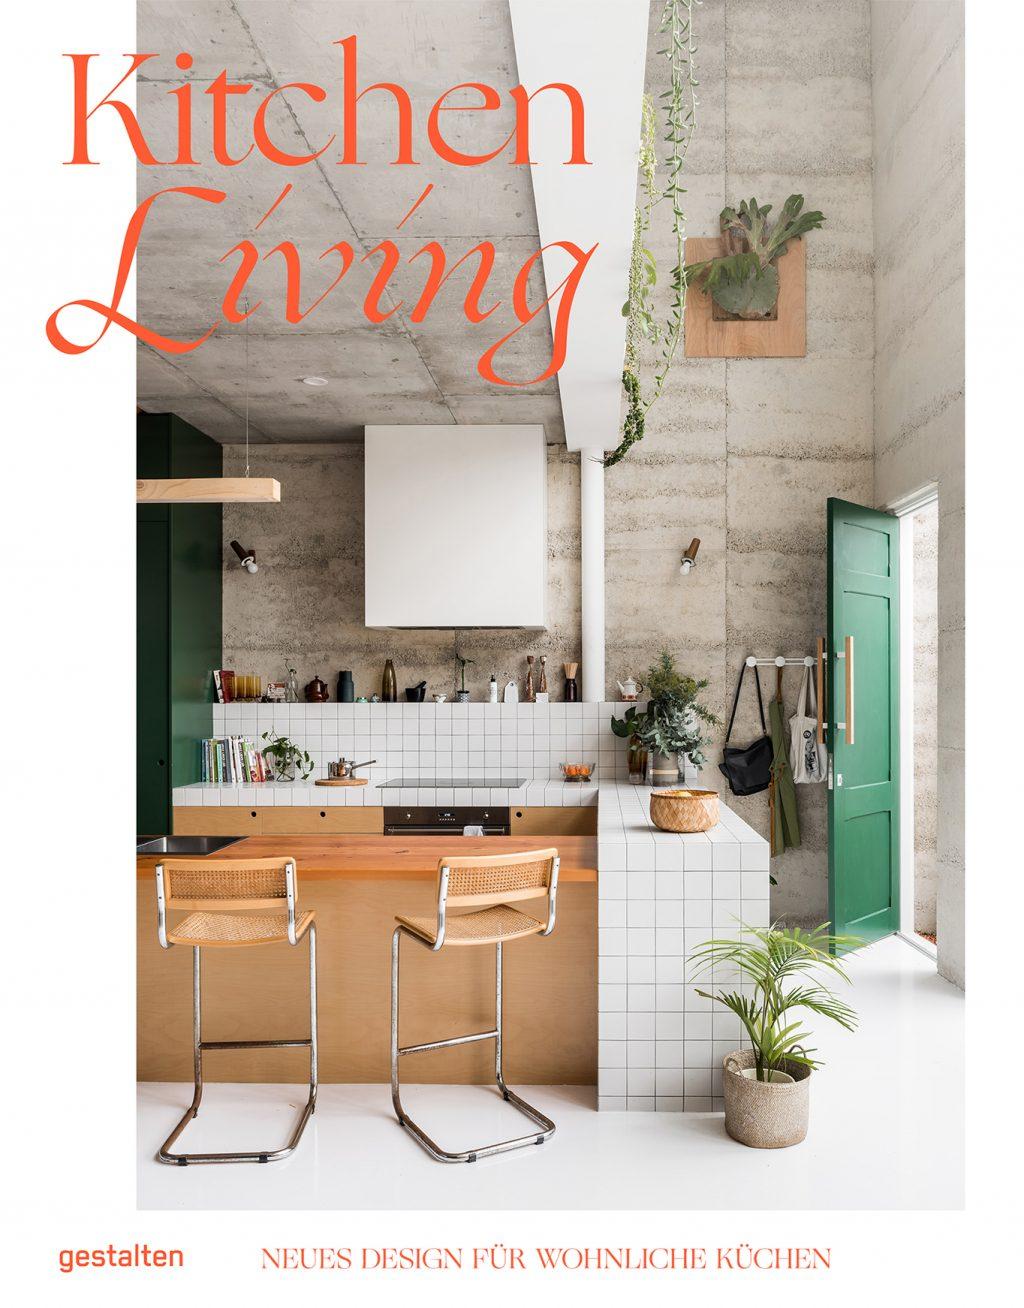 Cover_KitchenLiving_Herausgeber gestalten_Tessa Pearson